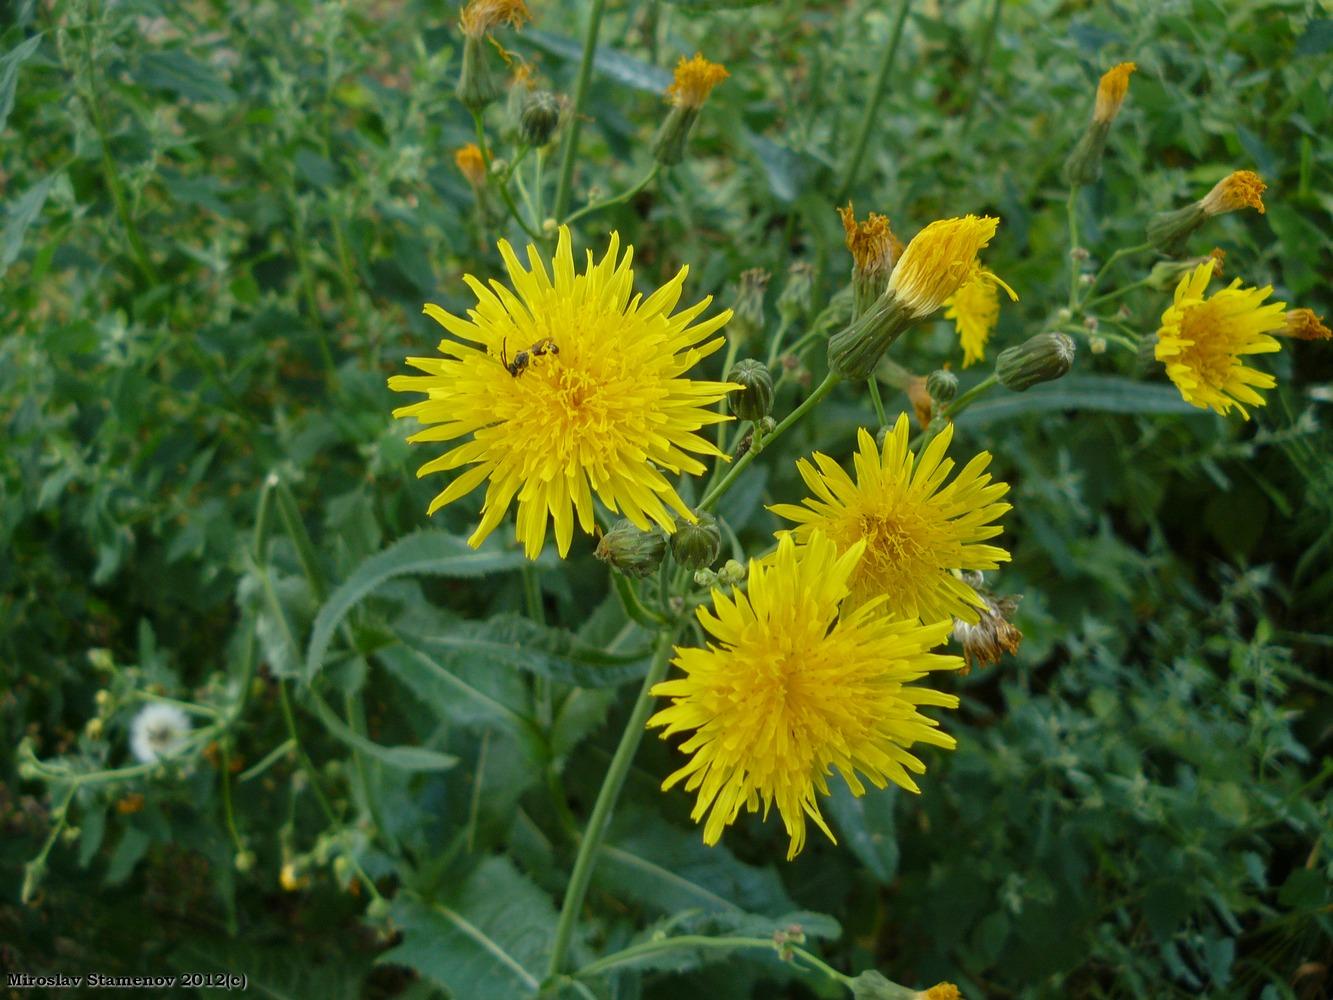 осота фото цветок